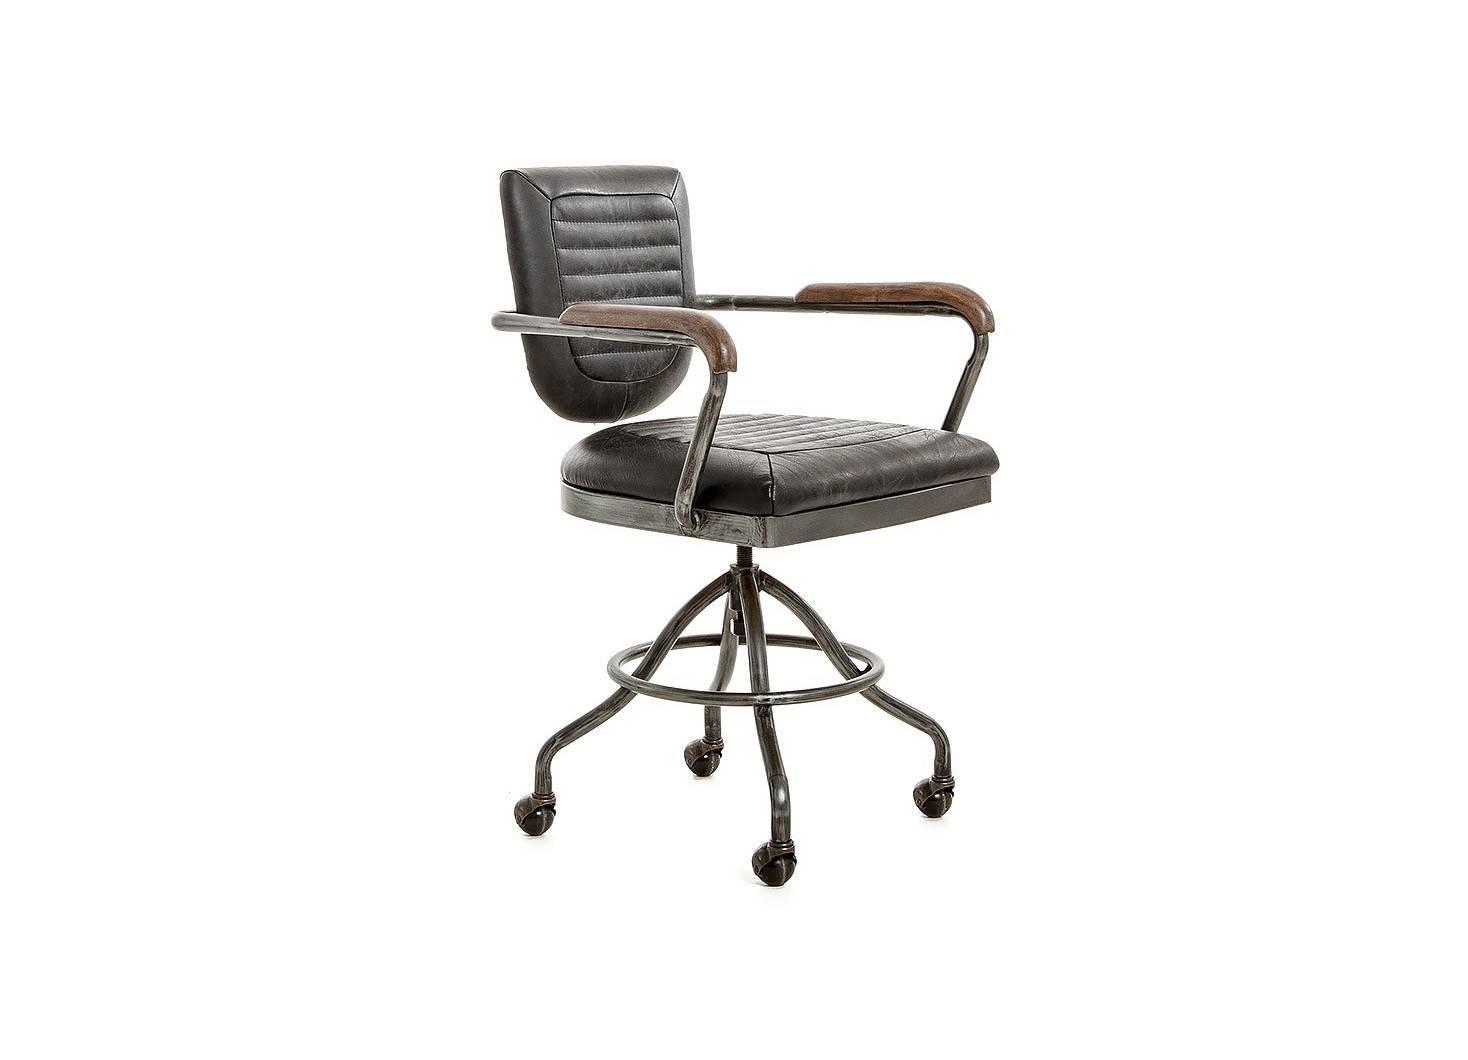 Fauteuil de bureau en cuir noir style vintage et métal sur roulettes